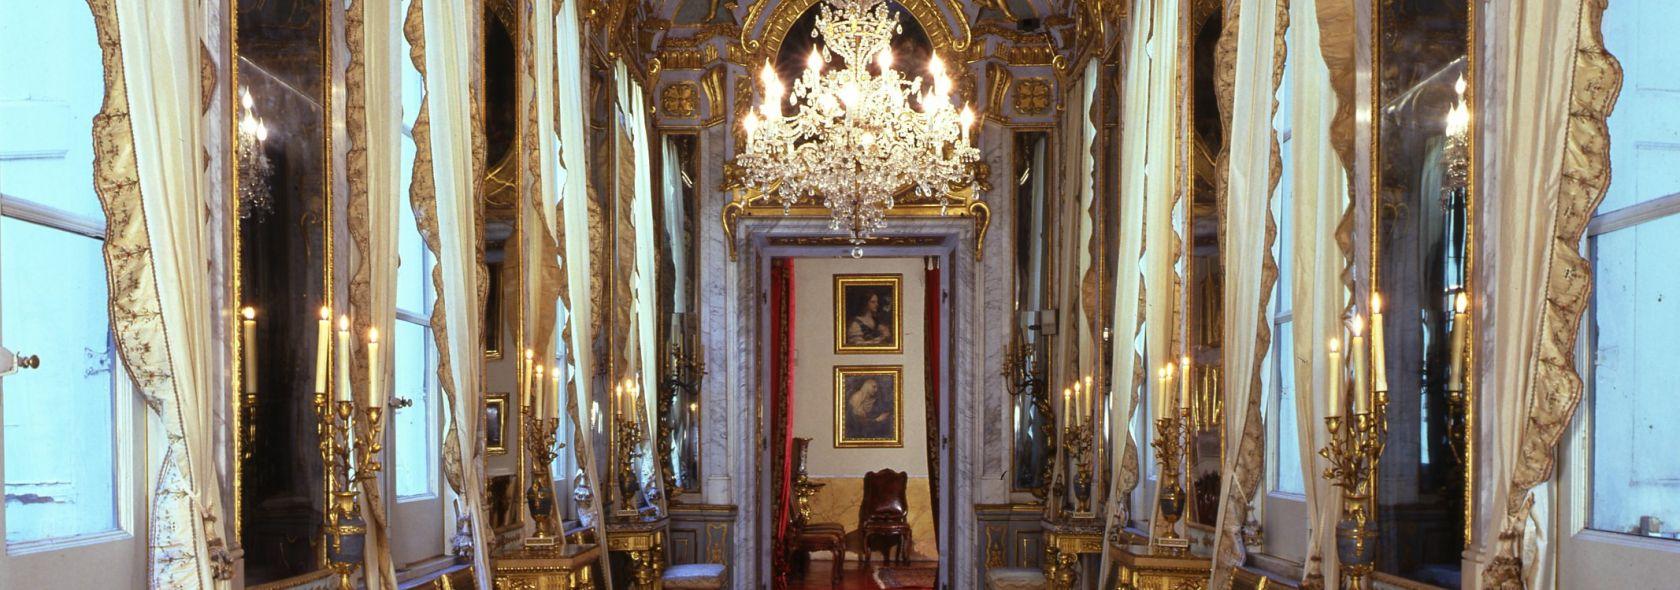 Galleria Nazionale di Palazzo Spinola - Galleria degli Specchi